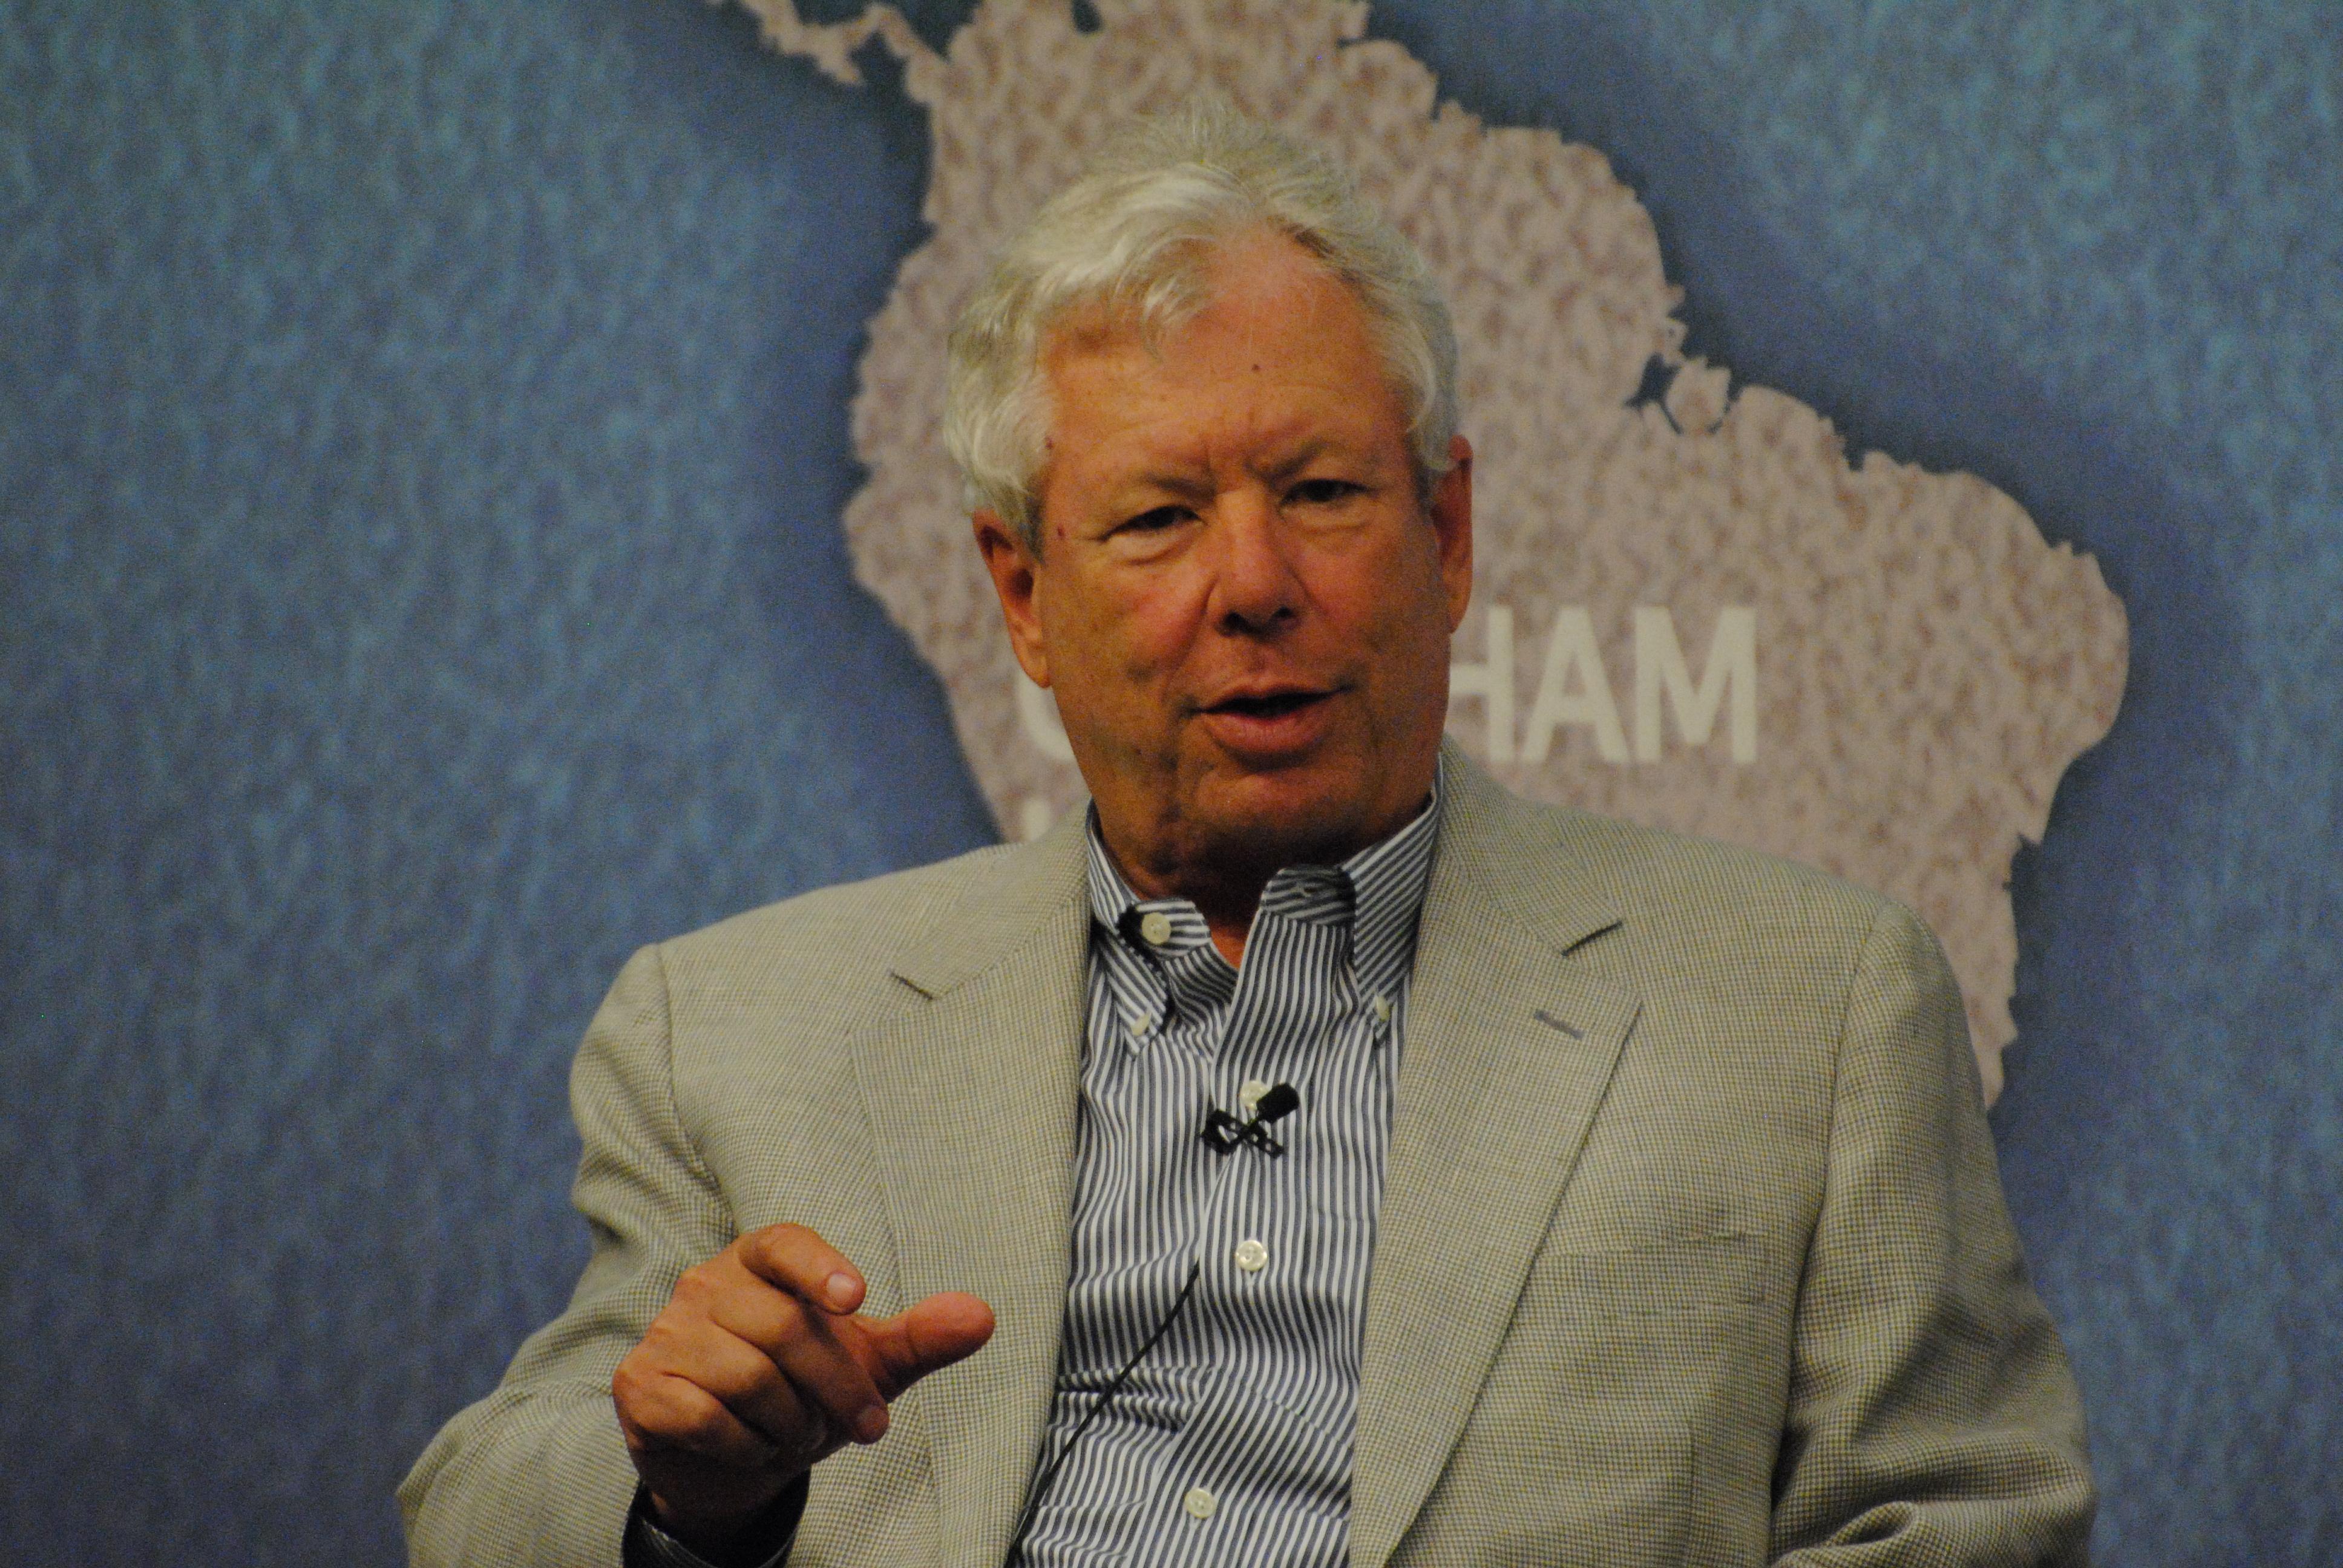 Choix du Prix Nobel d'économie : une décision politique face à l'intelligence artificielle ?